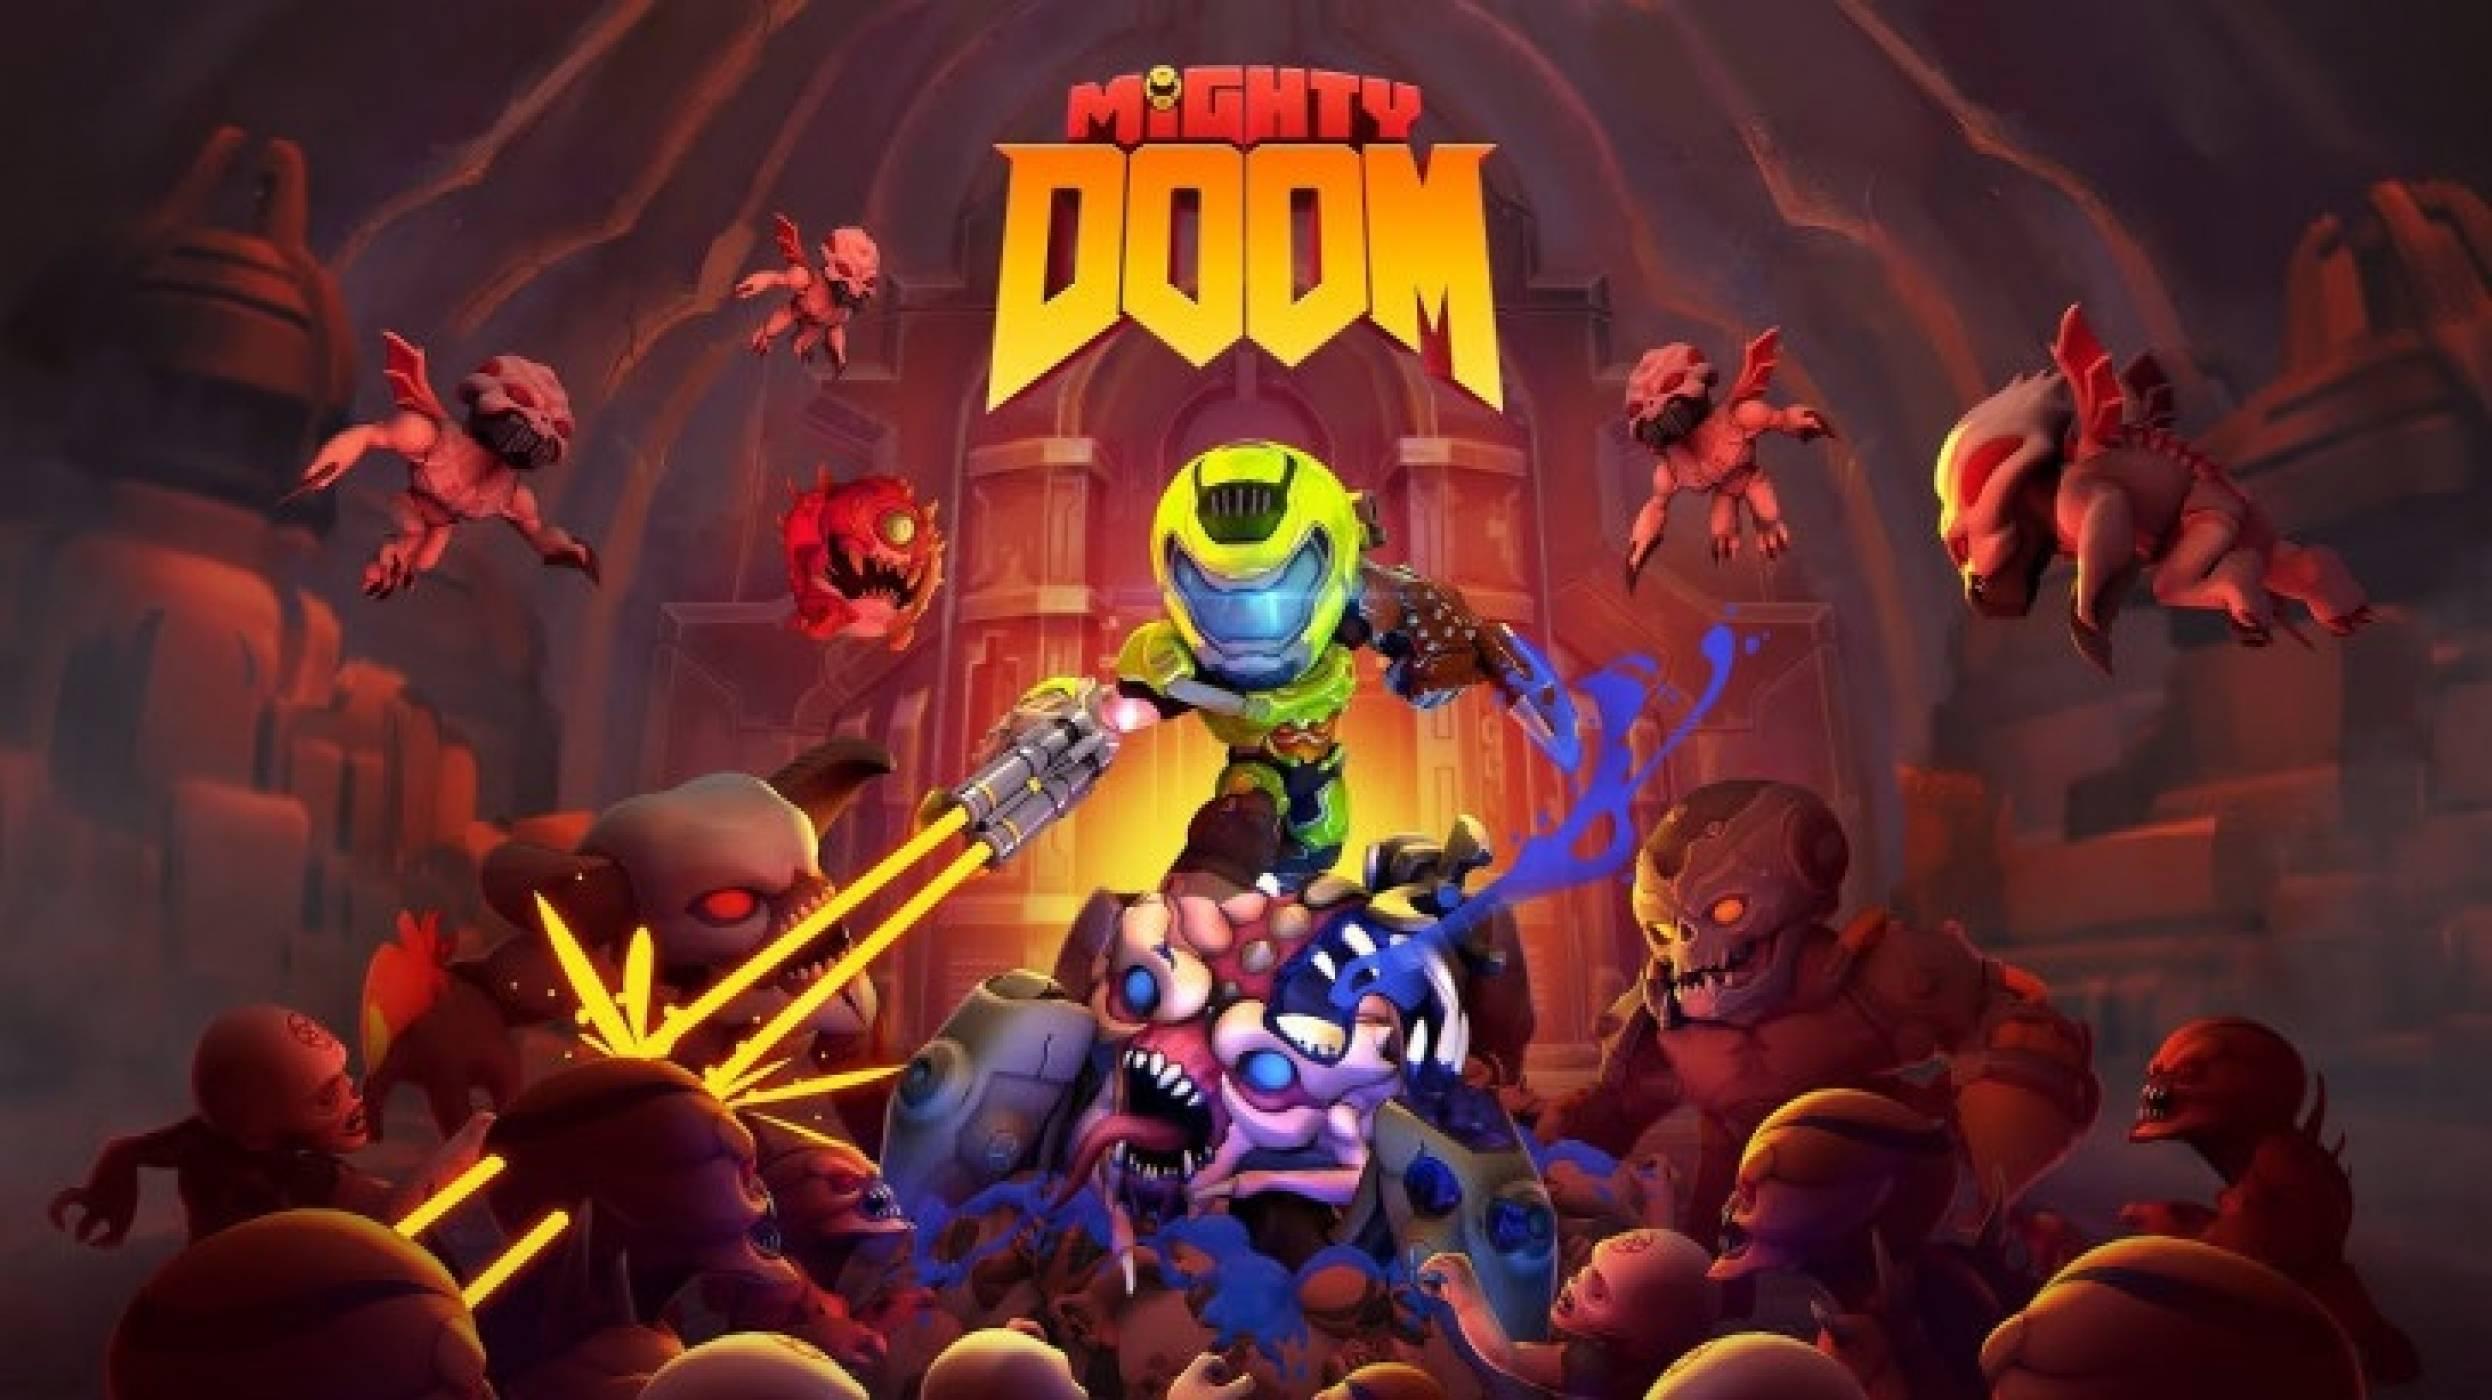 Адът се пренася на вашия смартфон с новата Doom игра